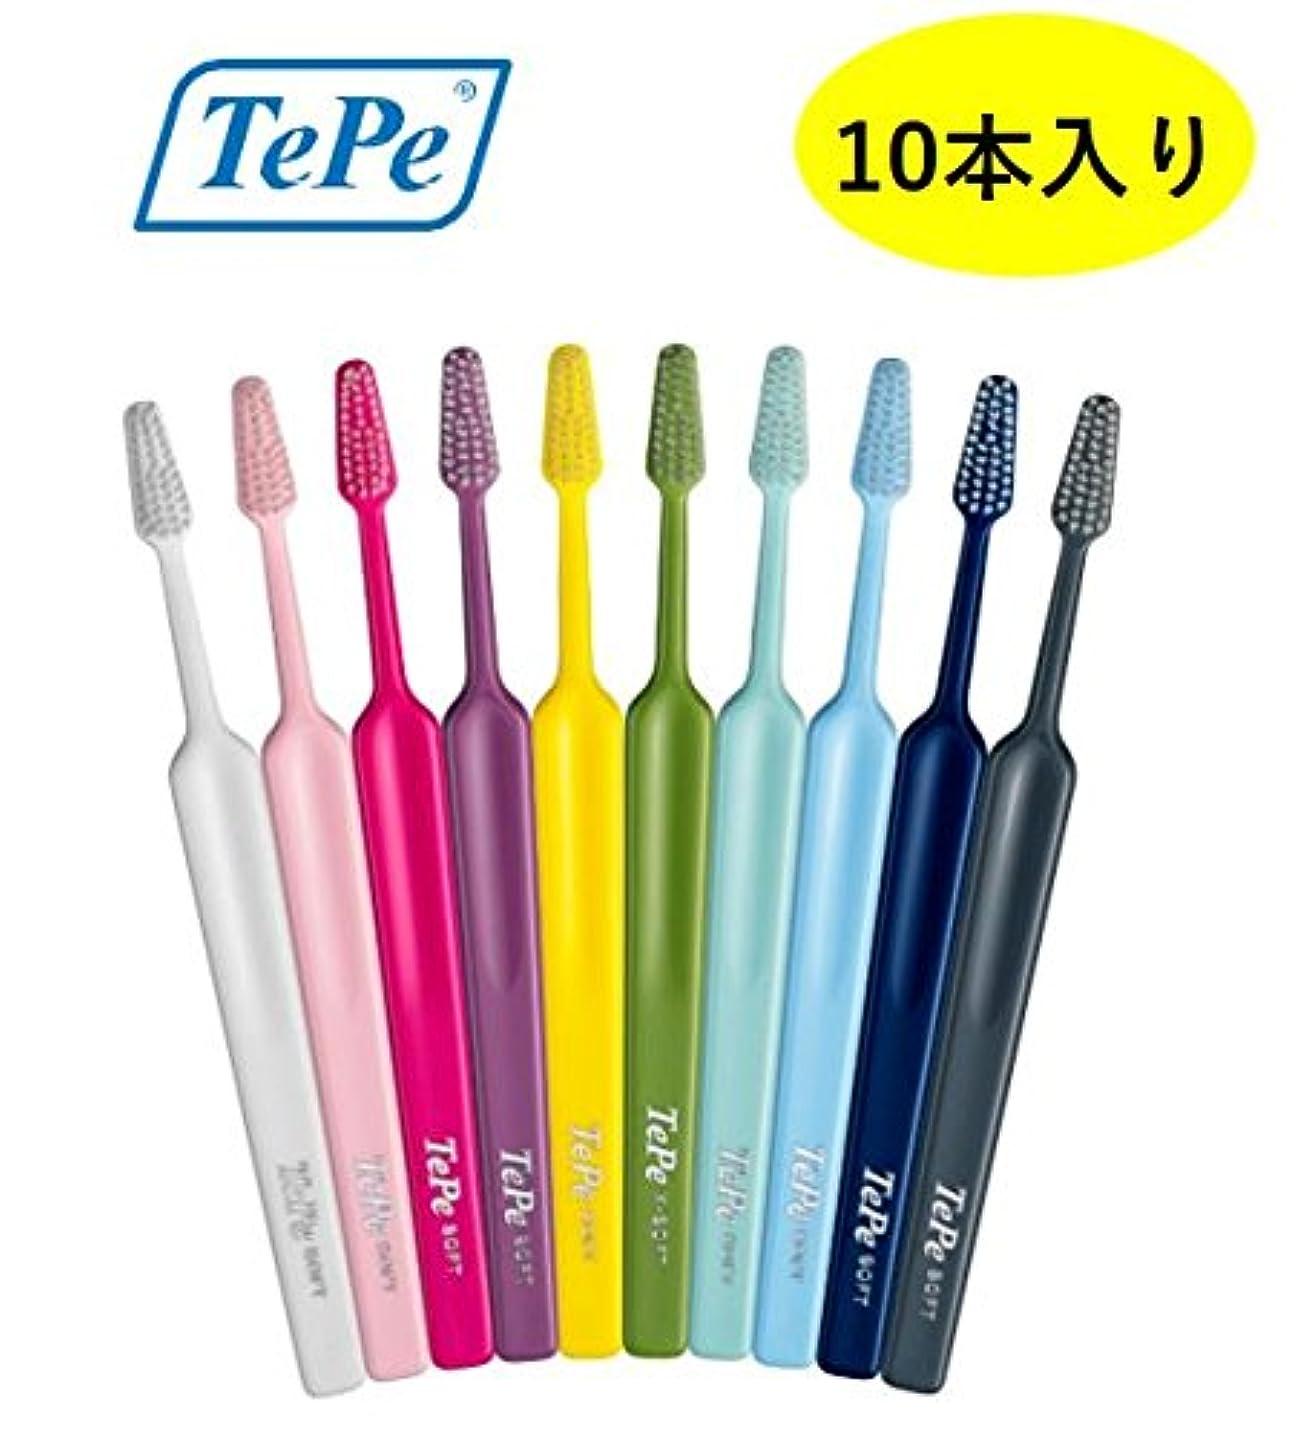 永遠に解説タクシーテペ ソフト(やわらかめ) 10本 ブリスターパック TePe